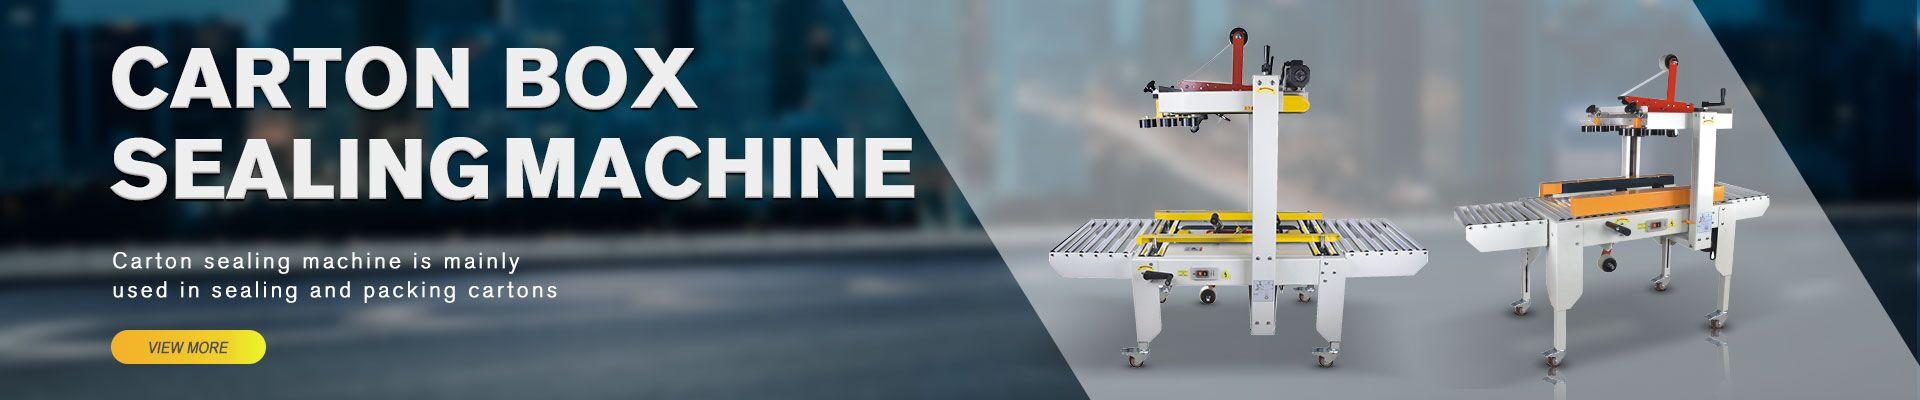 温州市宇骏包装机械有限公司